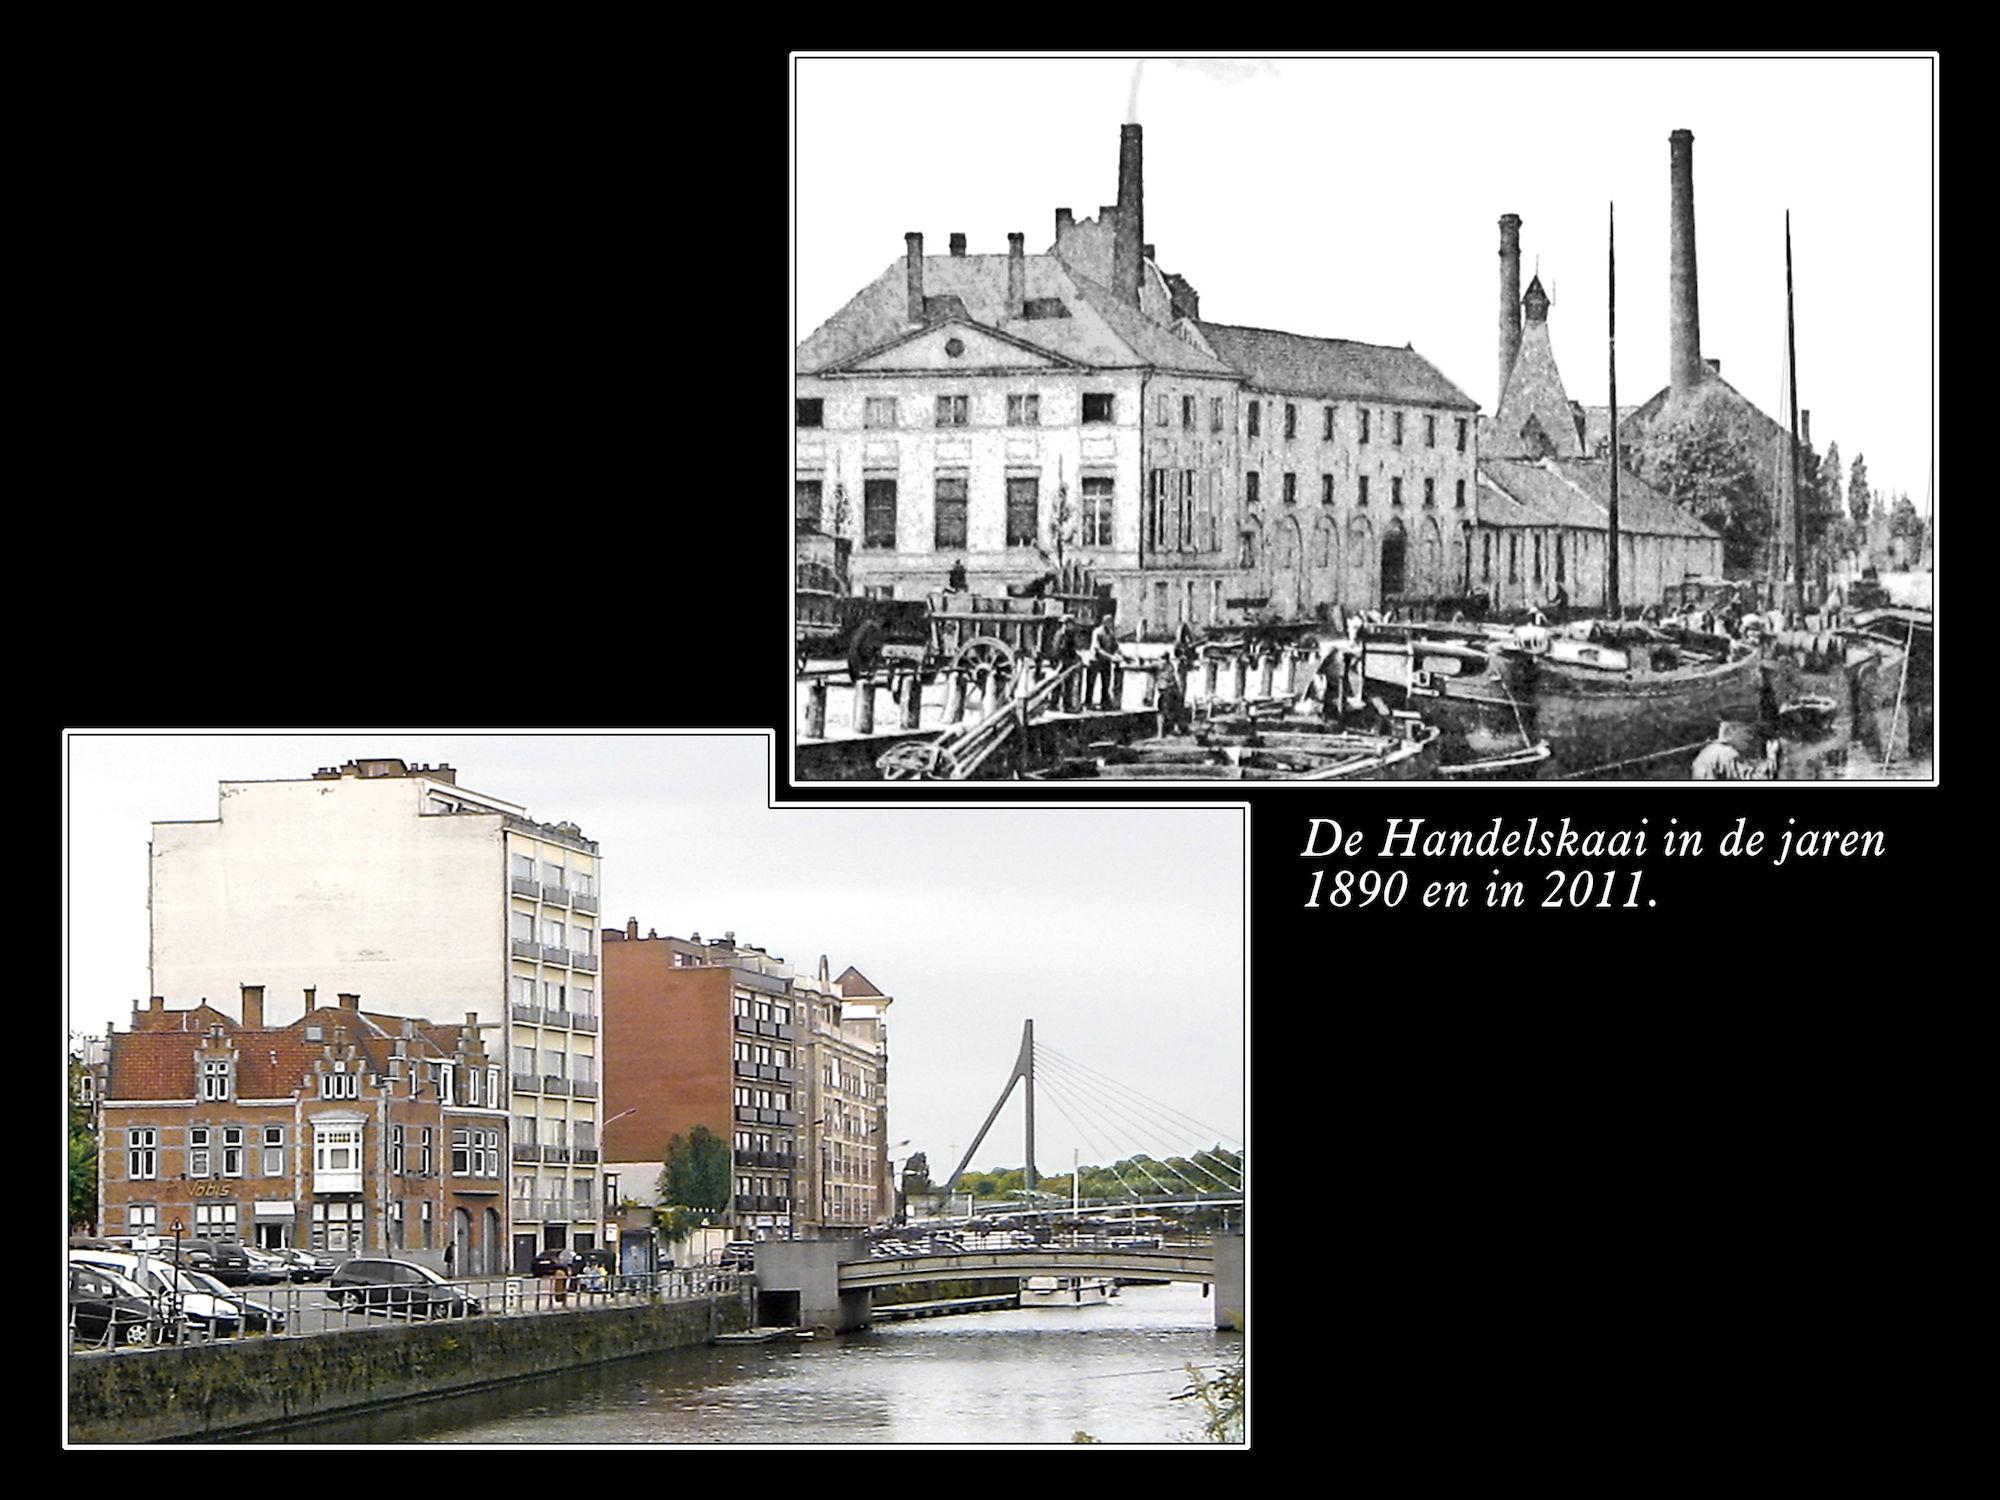 Handelskaai rond 1890 en in 2011